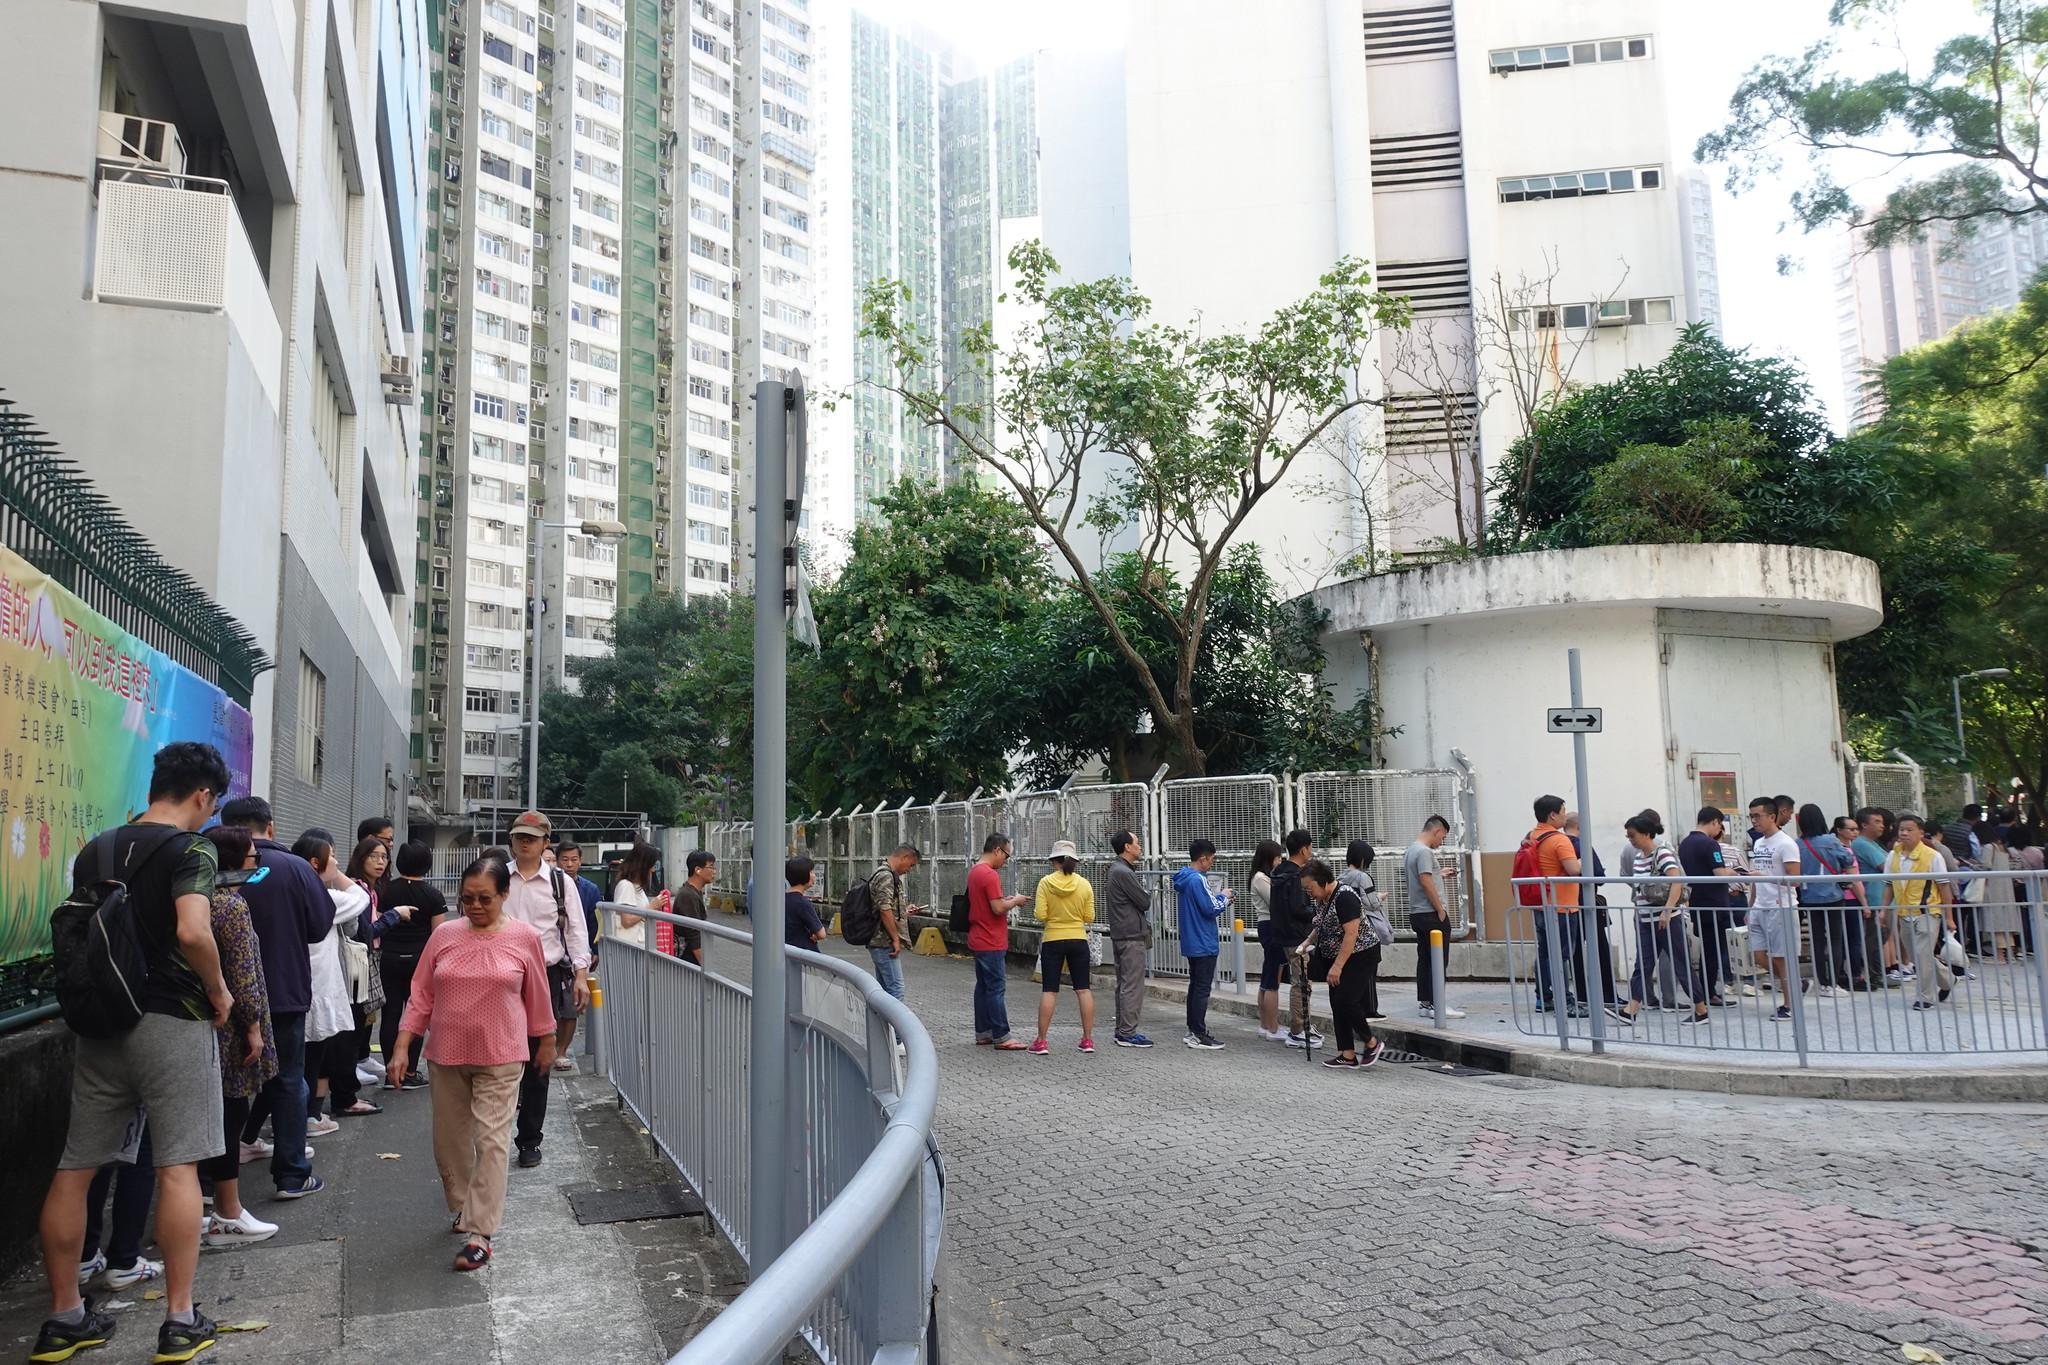 區議會選舉當天民眾大排長龍等待投票。(攝影:張智琦)